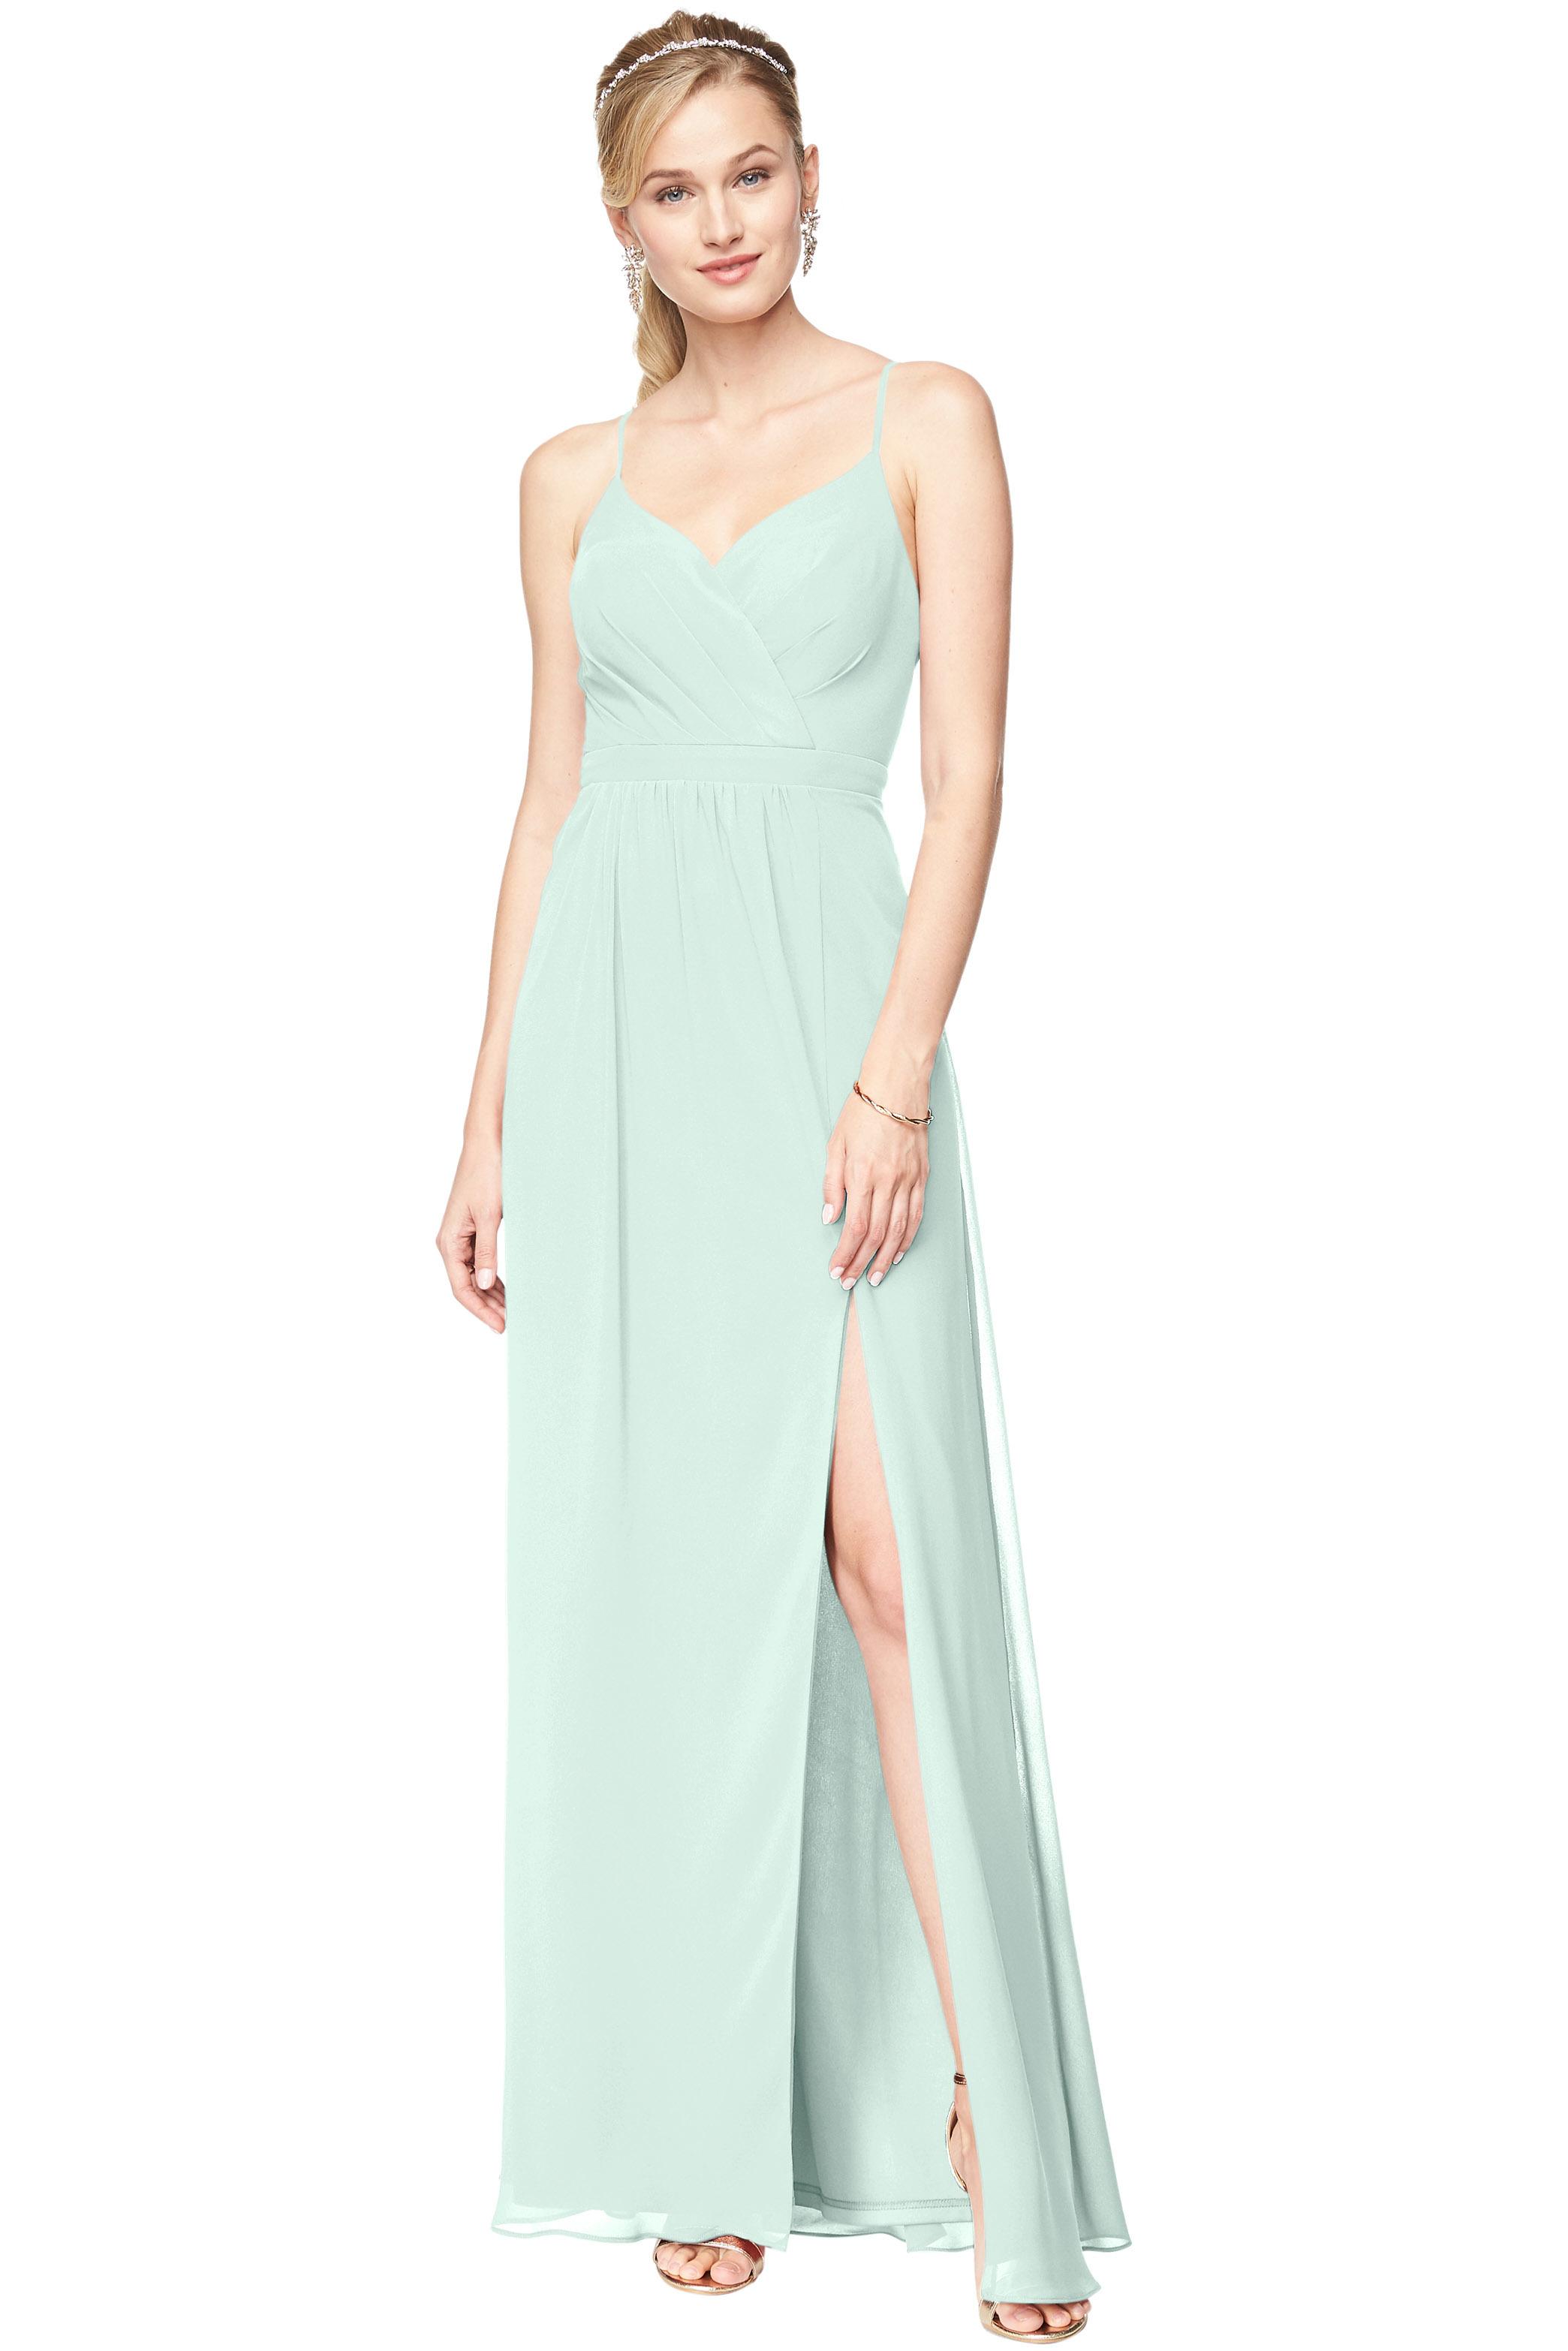 Bill Levkoff SEA FOAM Chiffon Surplice A-Line gown, $178.00 Front